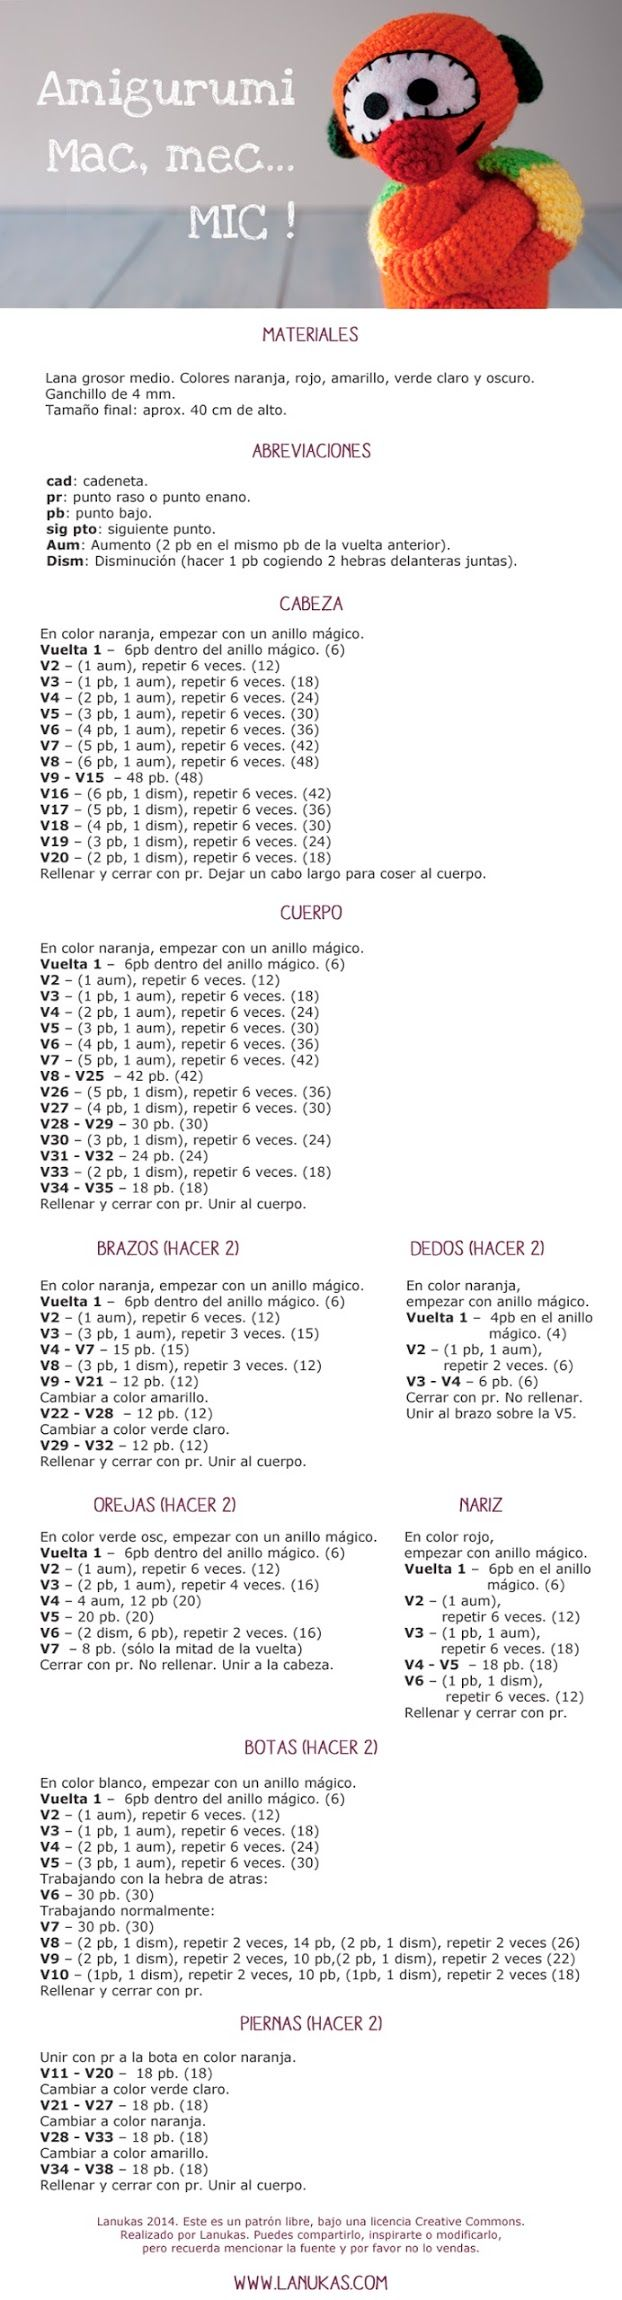 Patrón amigurumi Mac, Mec... Mic!  http://www.lanukas.com/2014/01/patron-amigurumi-mac-mec-mic.html